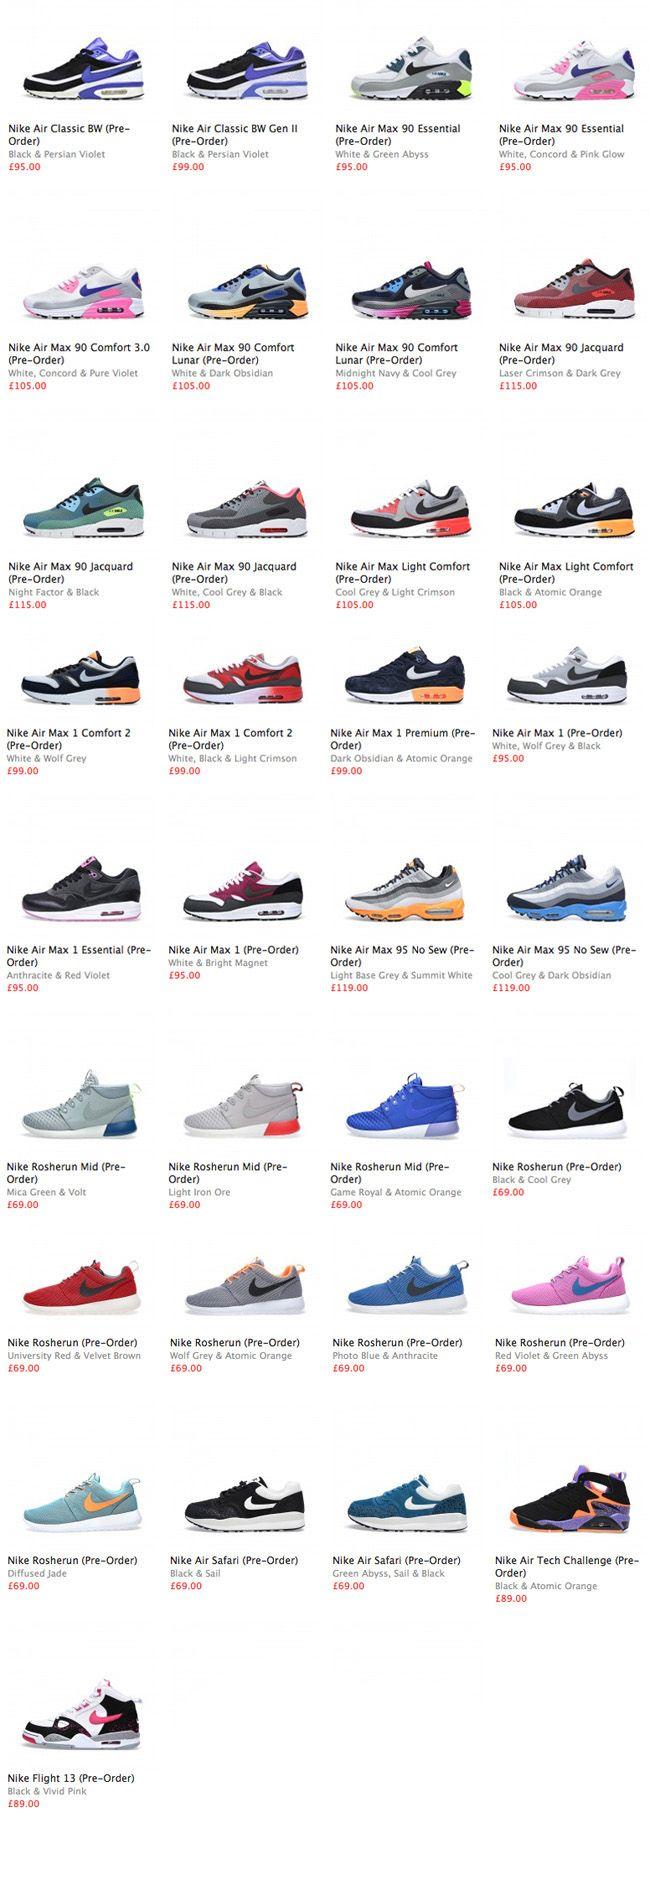 Nike Sportswear January 2014 Sneaker Preview